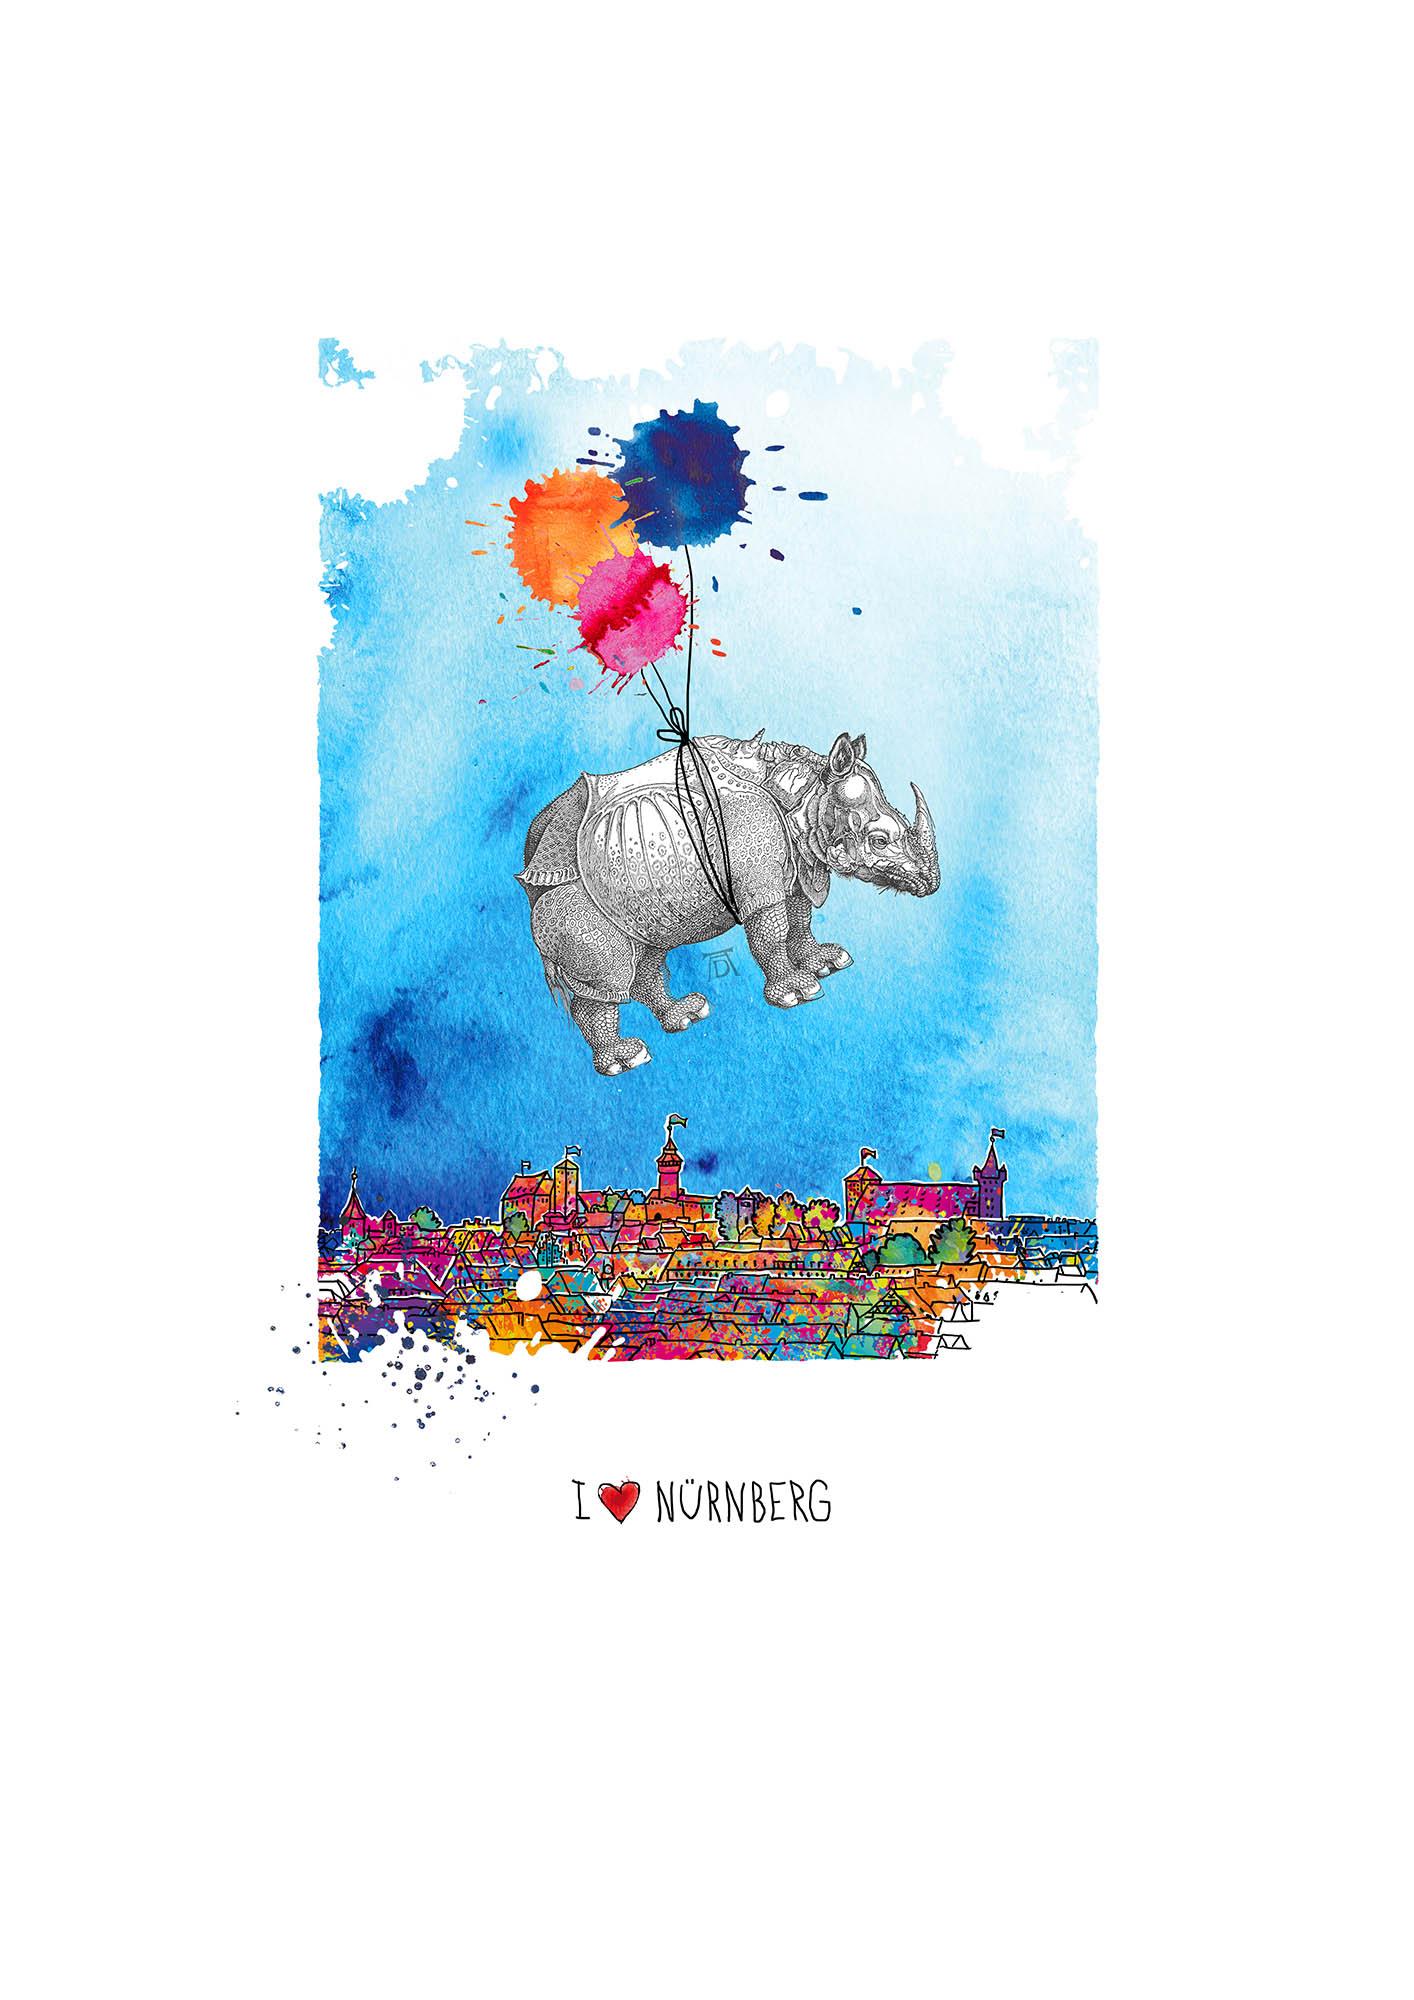 Birgit Osten: Flying Rhino, Giclée Druck auf Bütten, Auflage 199 Exemplare, Blattformat 29,7 x 42 cm, handsigniert und nummeriert, 190 Eur ©Birgit, Osten